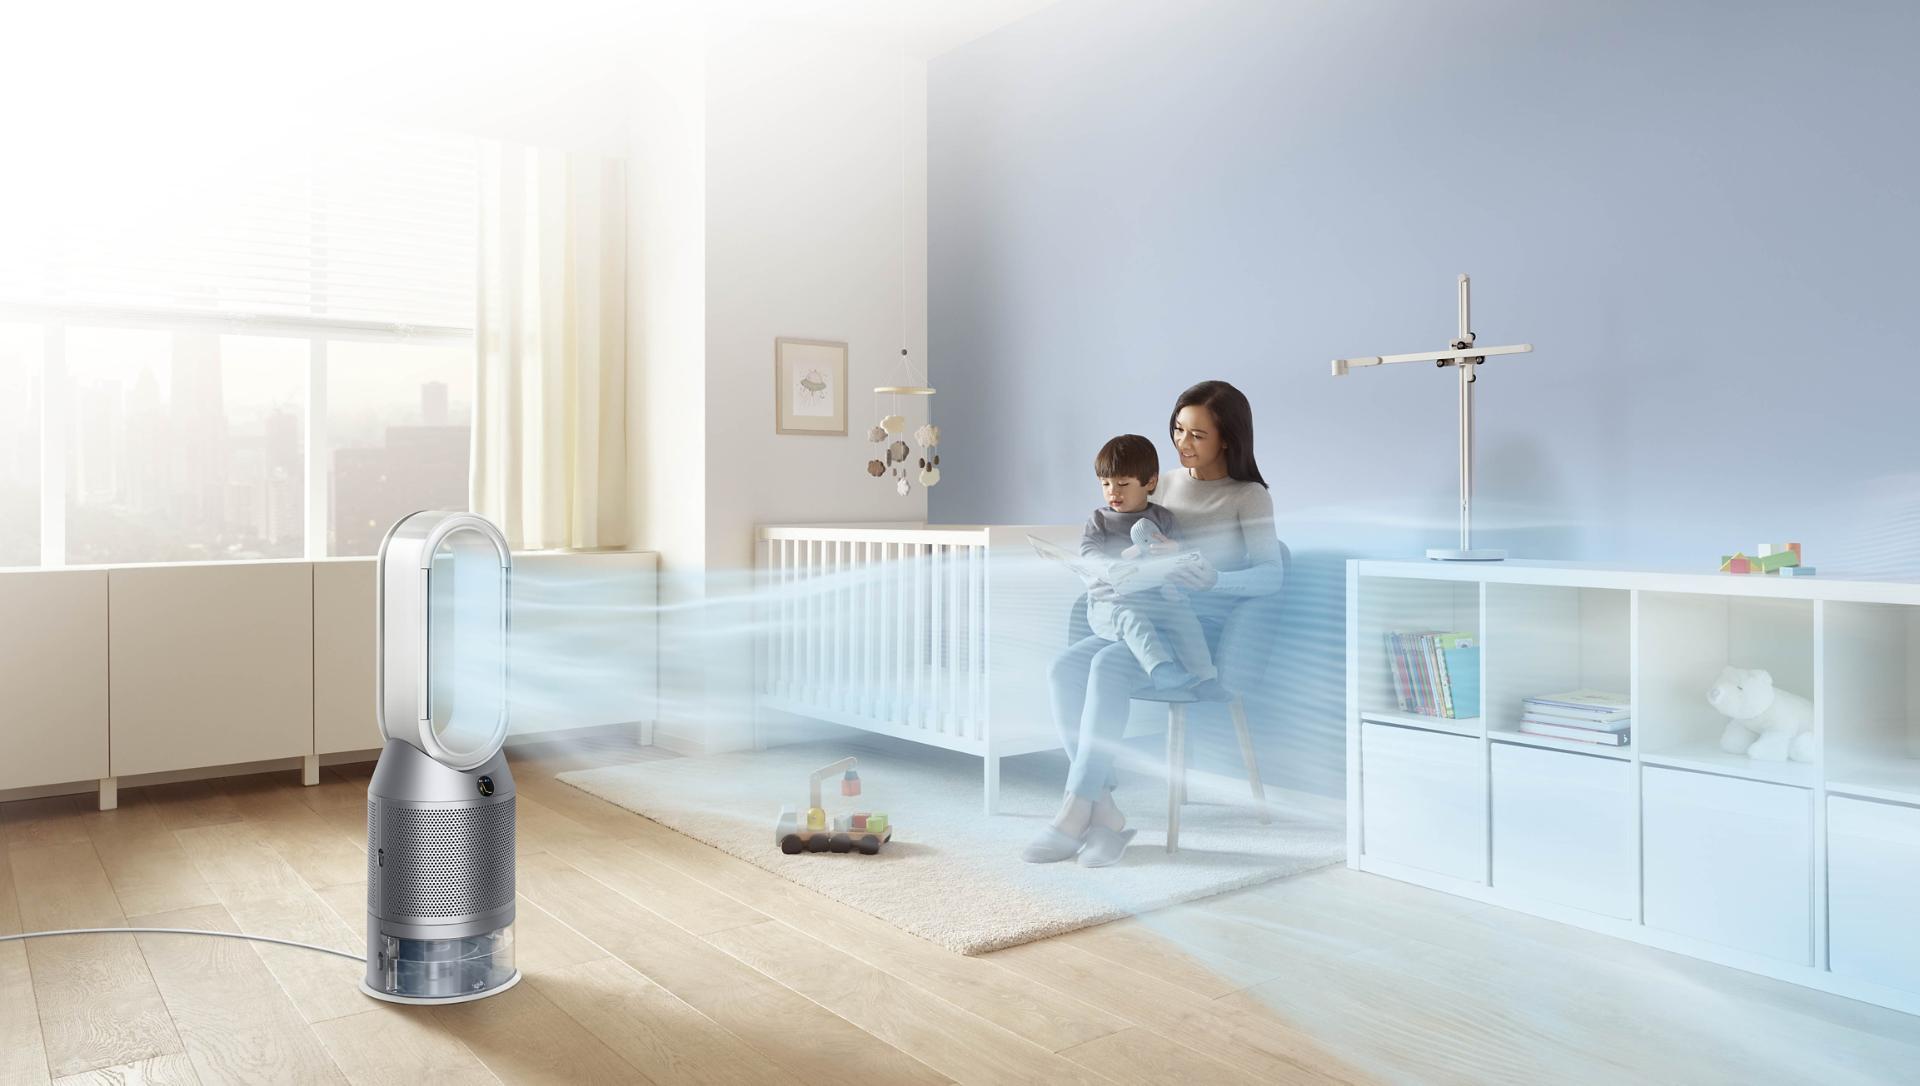 Oczyszczacz powietrza z funkcją nawilżania w pokoju z zobrazowanym przepływem powietrza